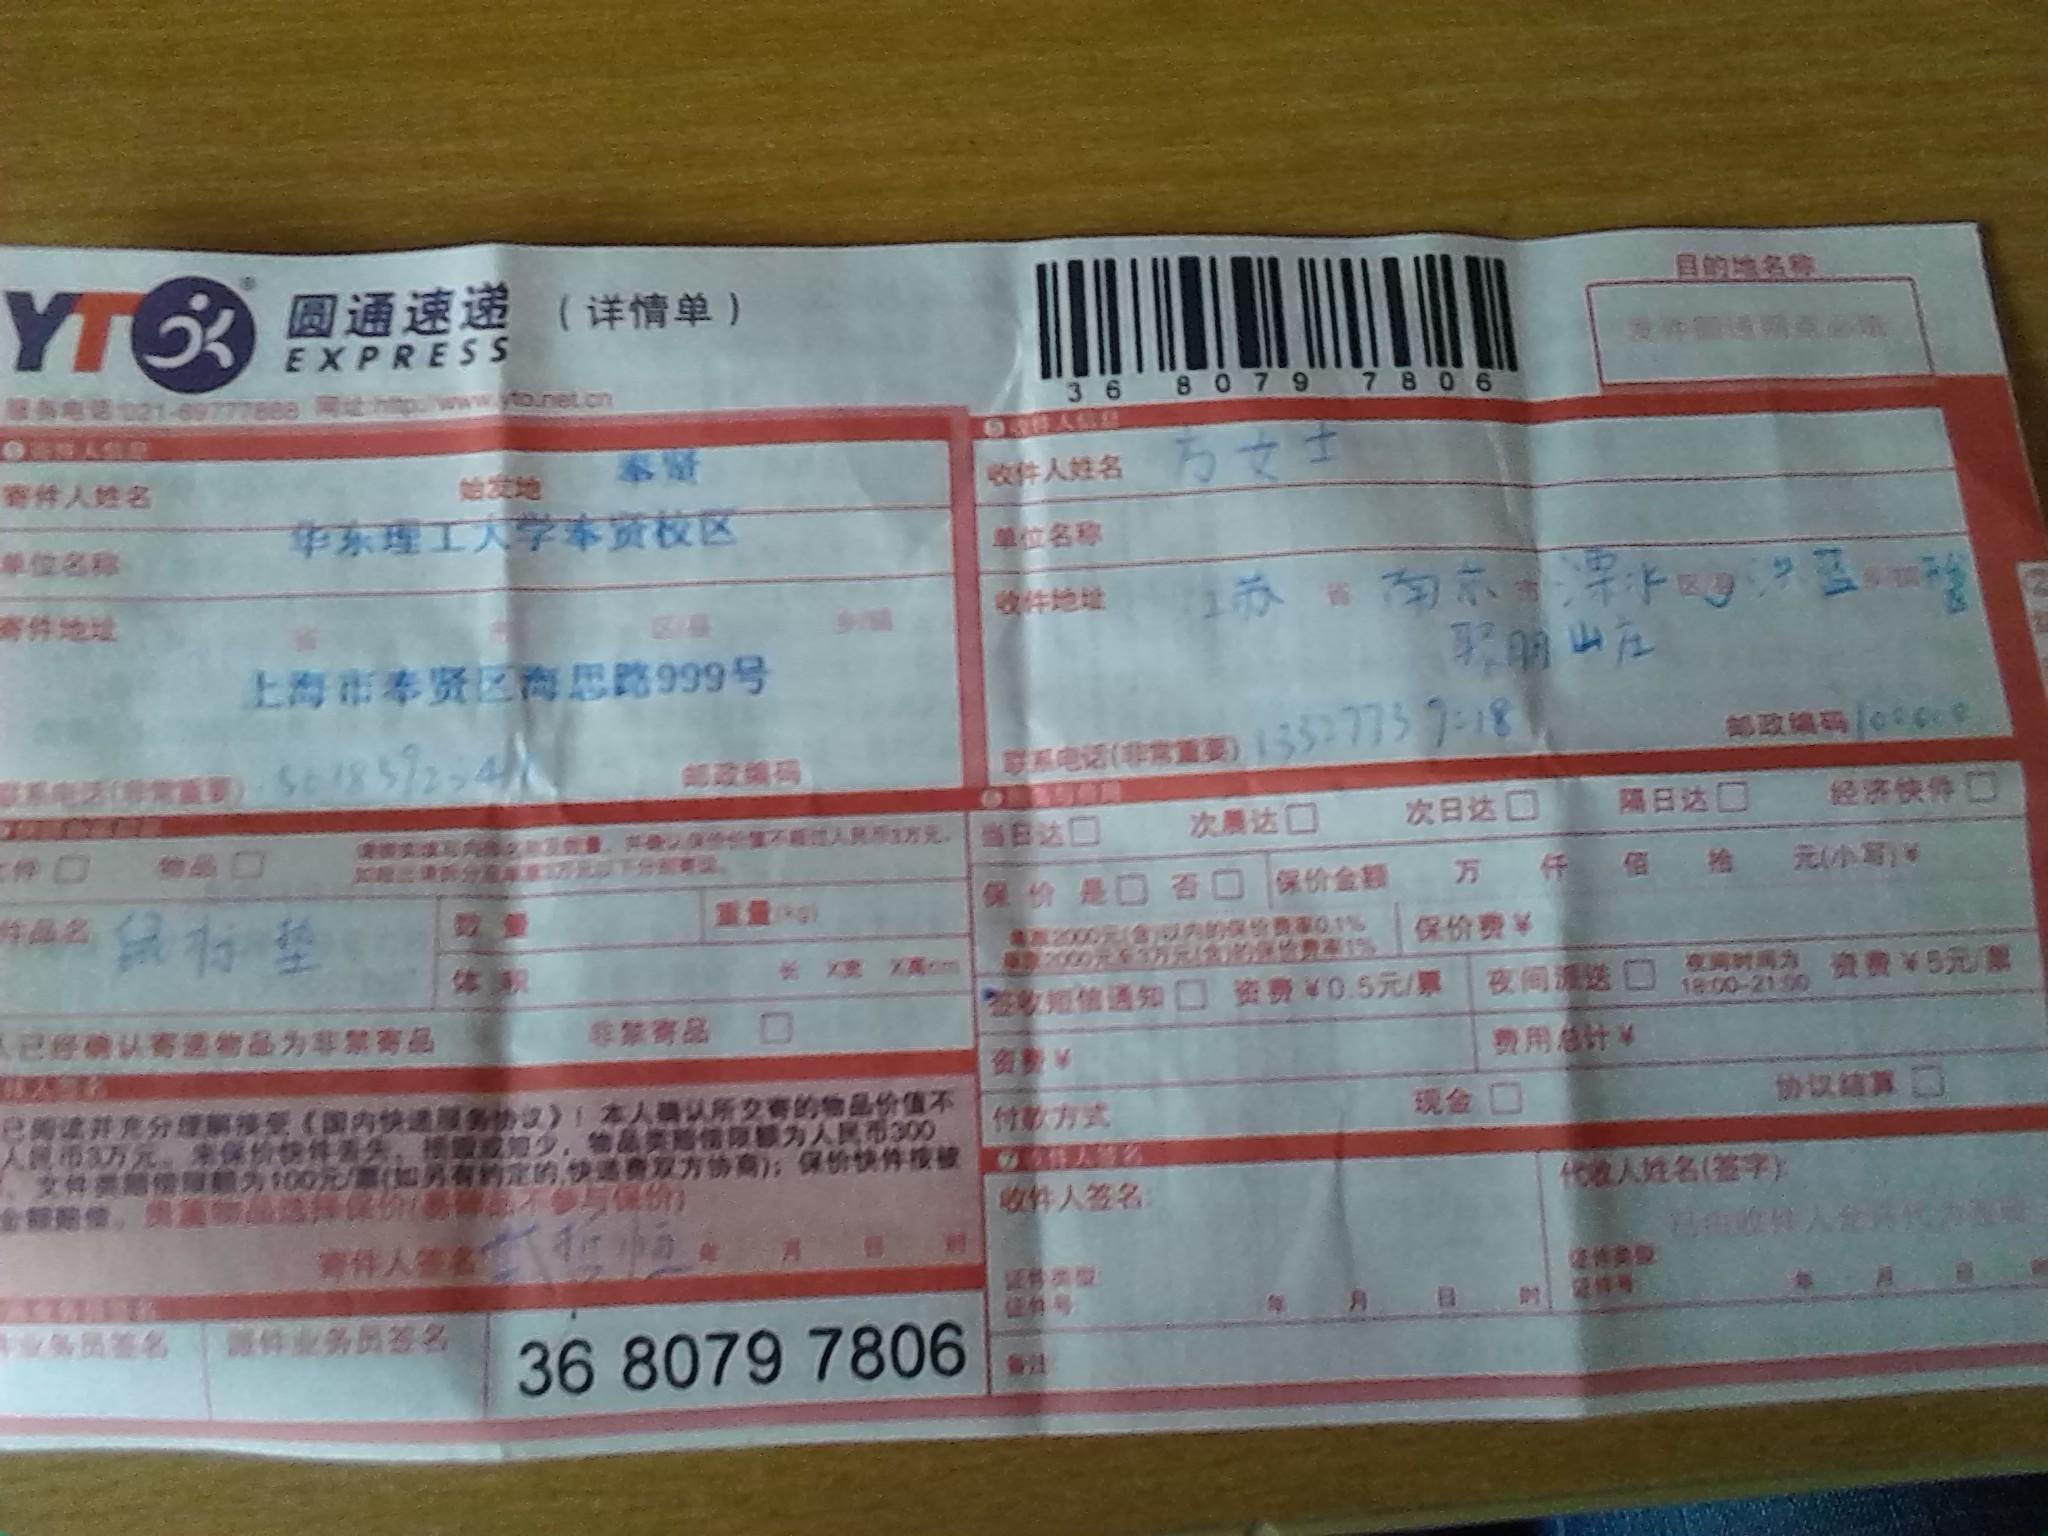 上海圆通速递电话_上海圆通快递下单电话